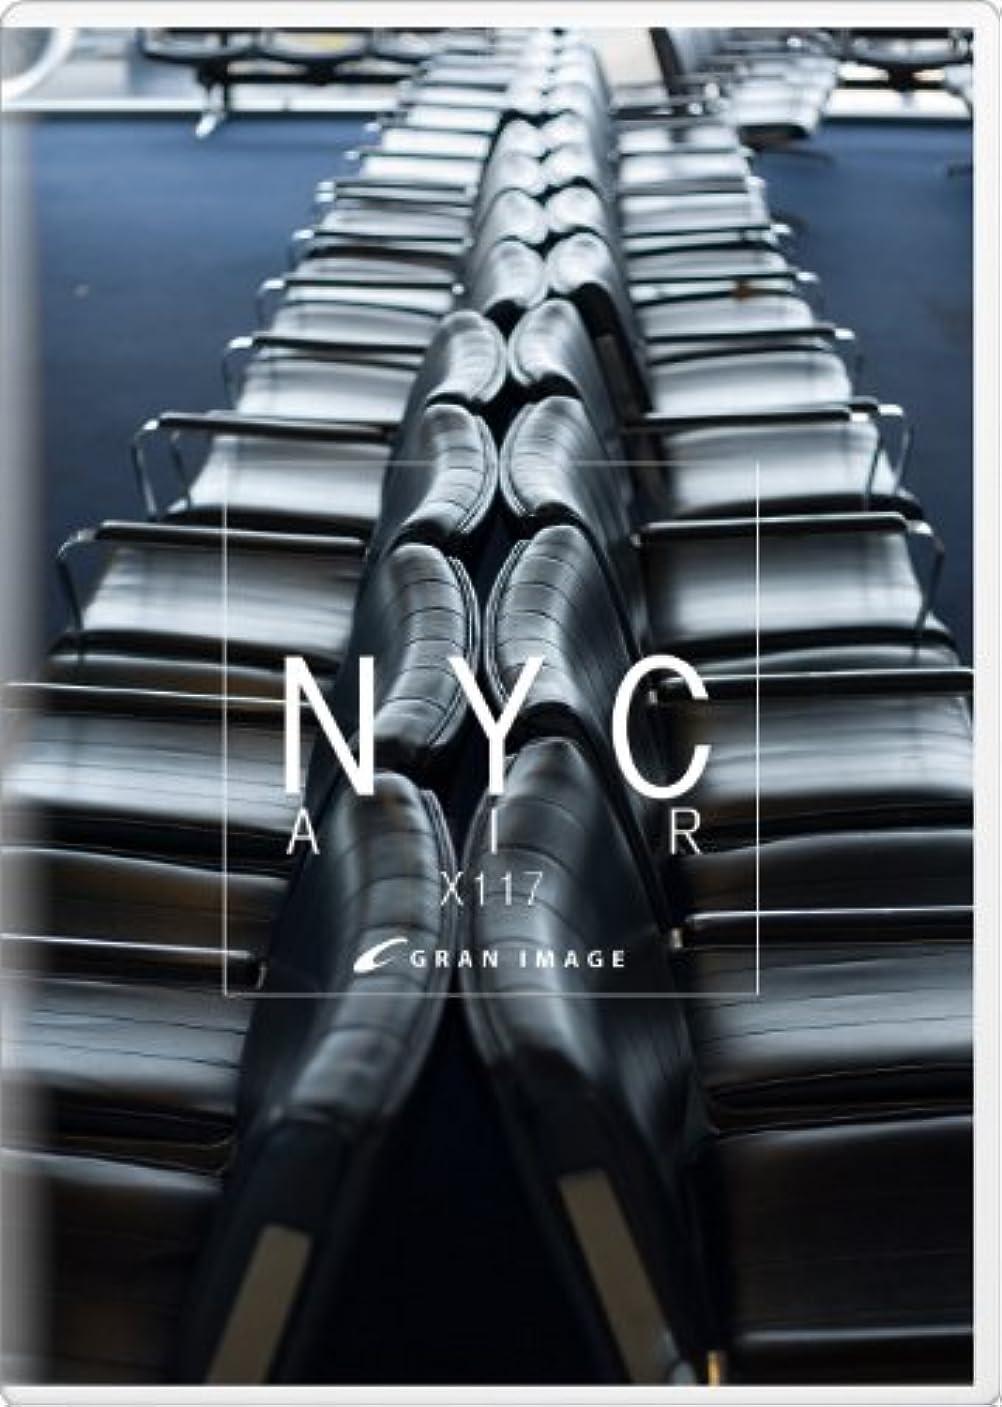 がっかりした通信網ユーモアグランイメージ X117 ニューヨークシティエアー(ロイヤリティフリー写真素材集)